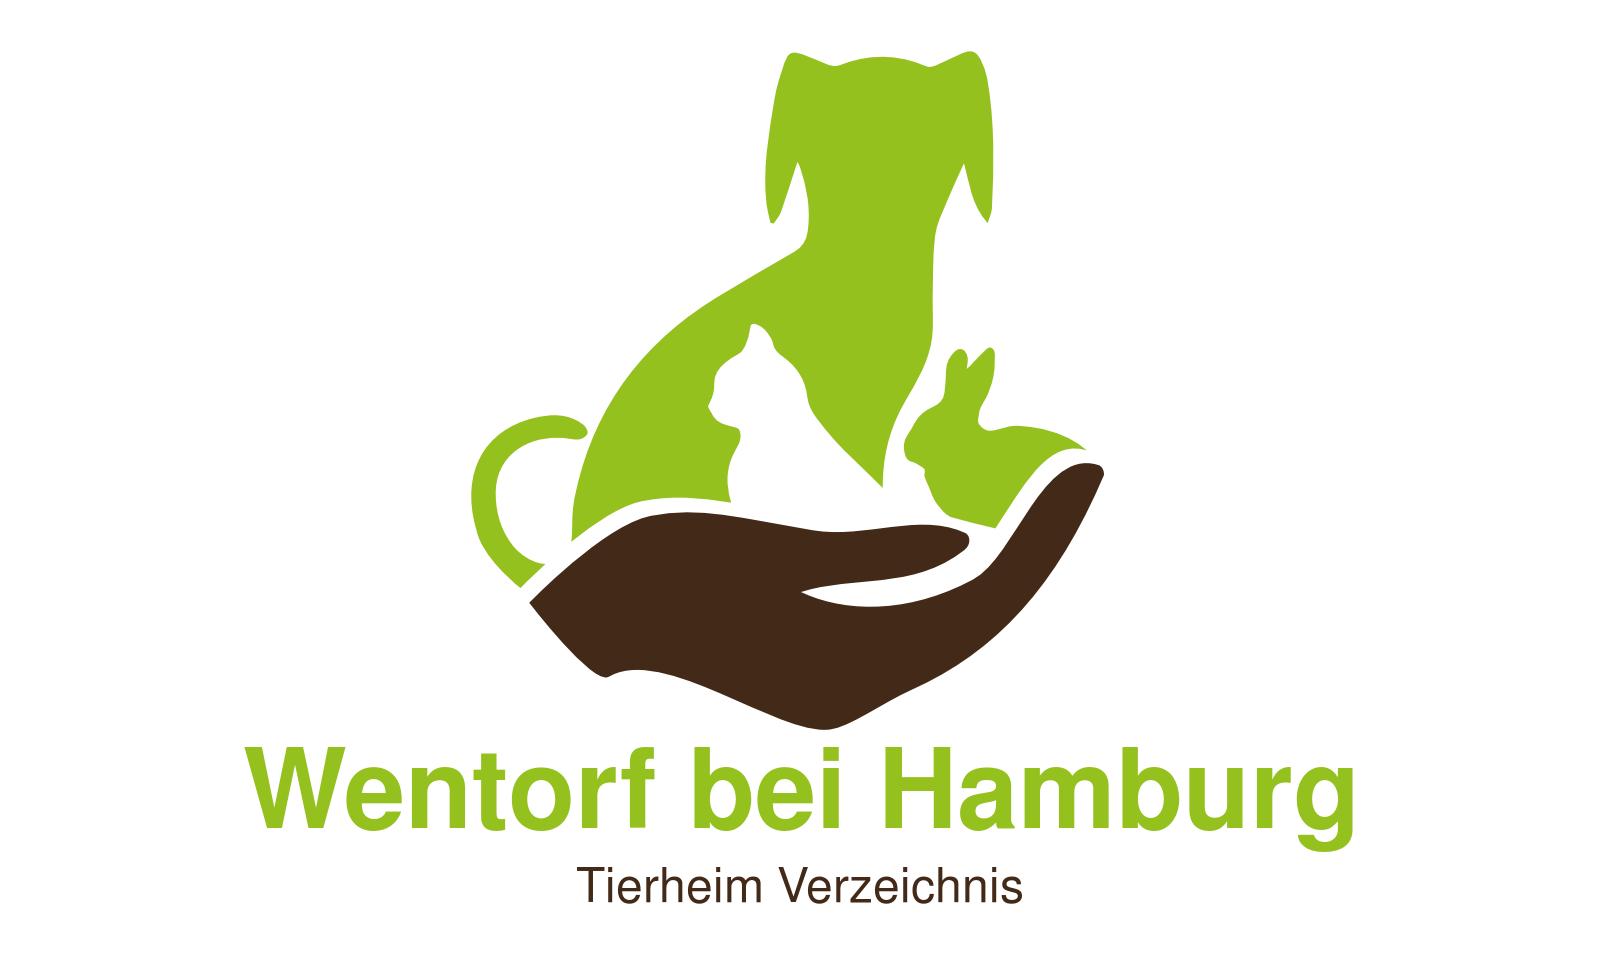 Tierheim Wentorf bei Hamburg